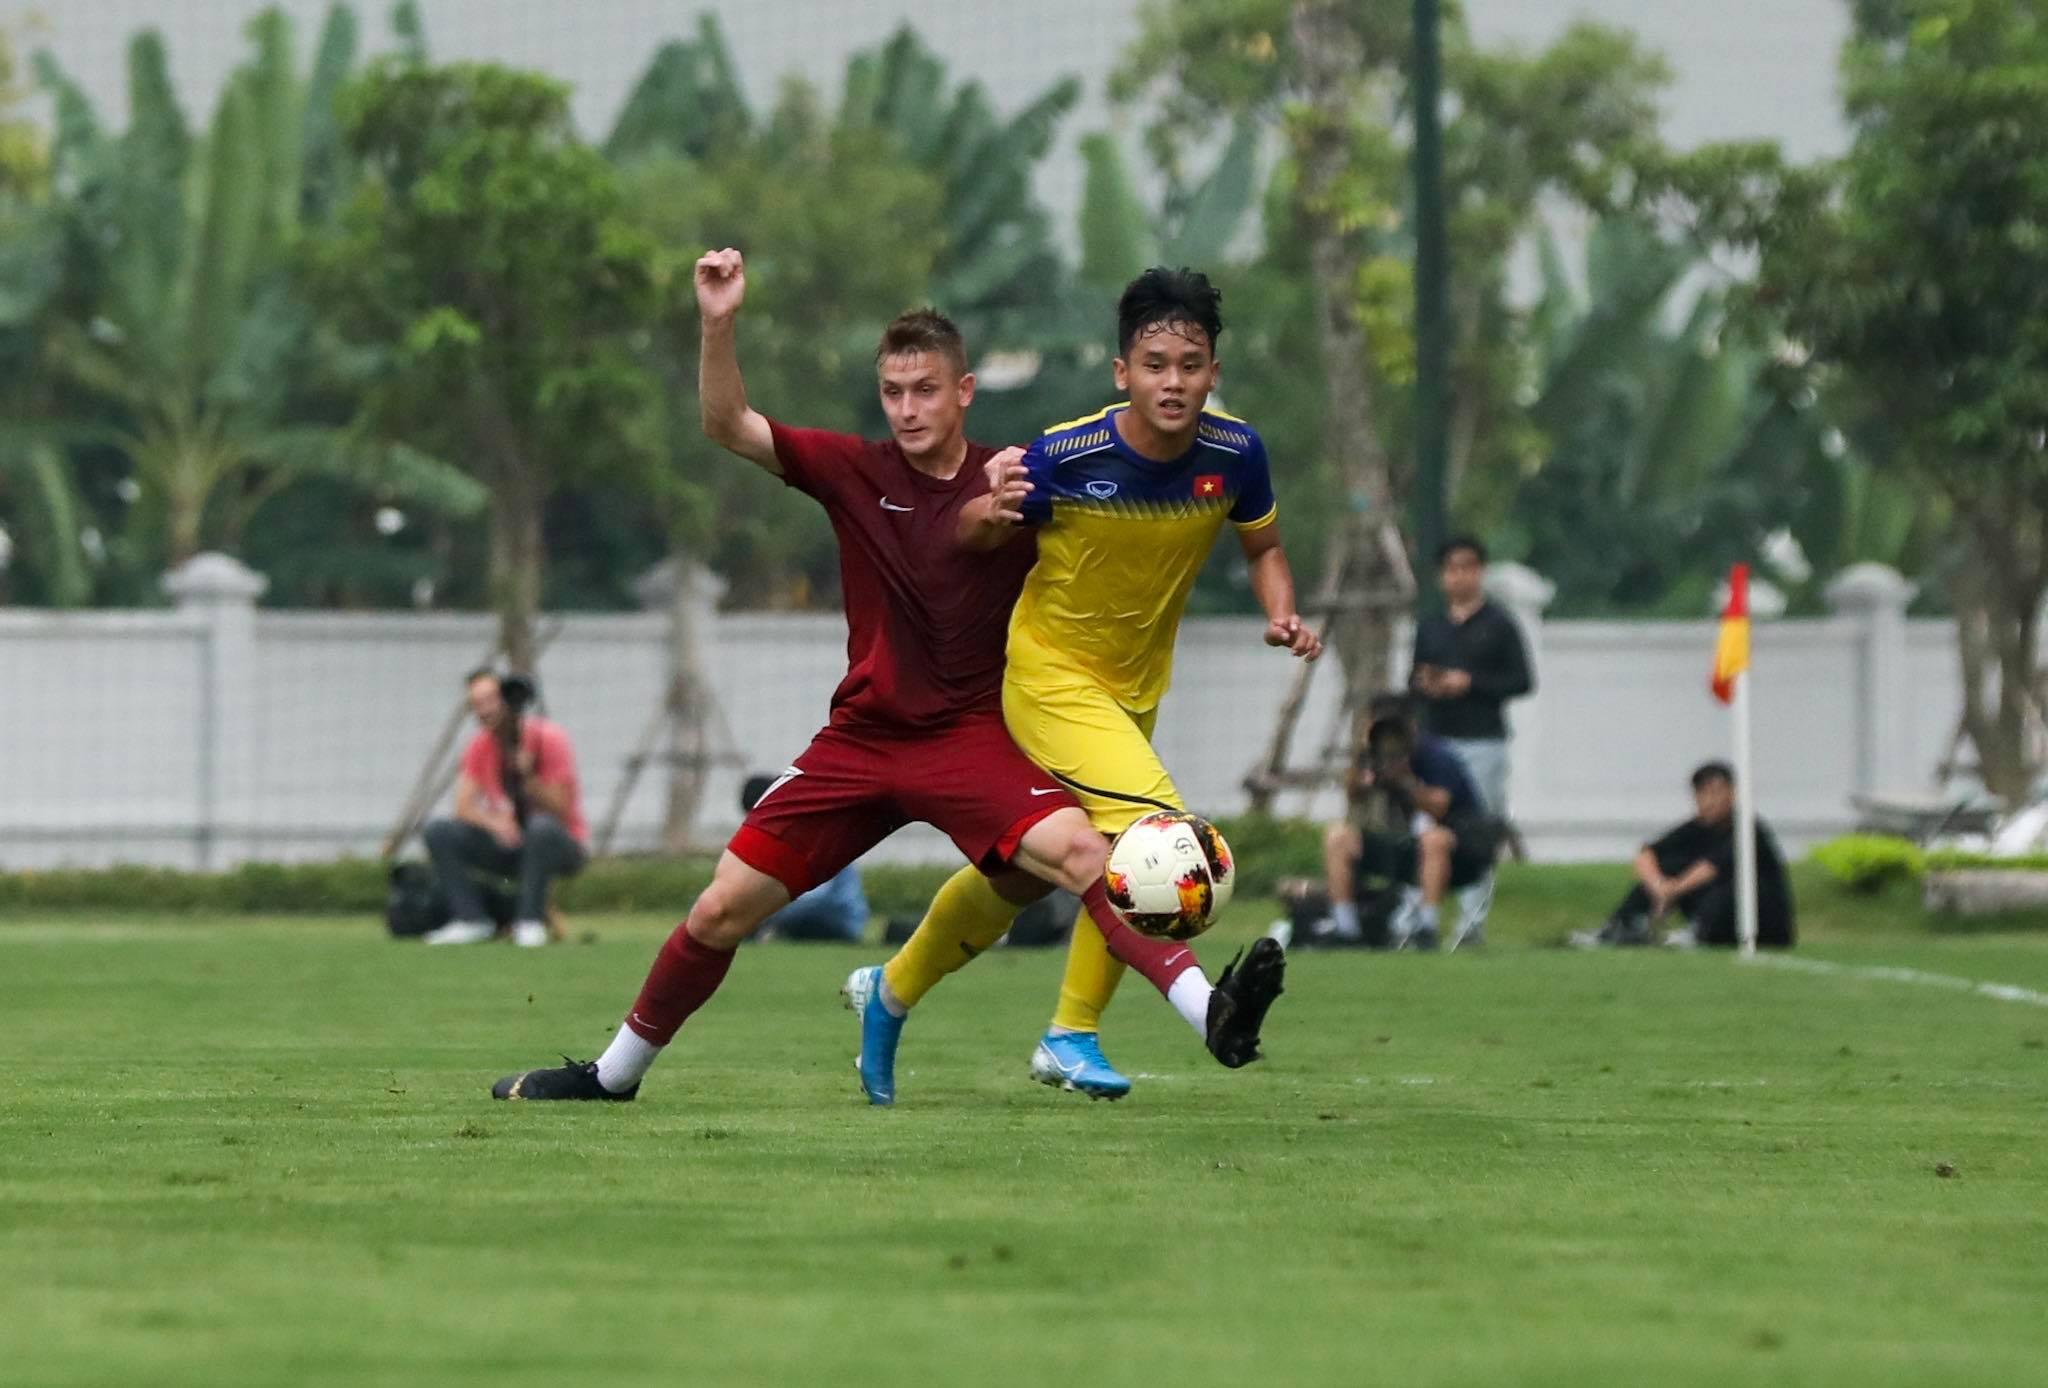 Đội bóng trẻ châu Âu nói gì trước khi gặp U21 Việt Nam ở giải U21 Quốc tế - Bóng Đá